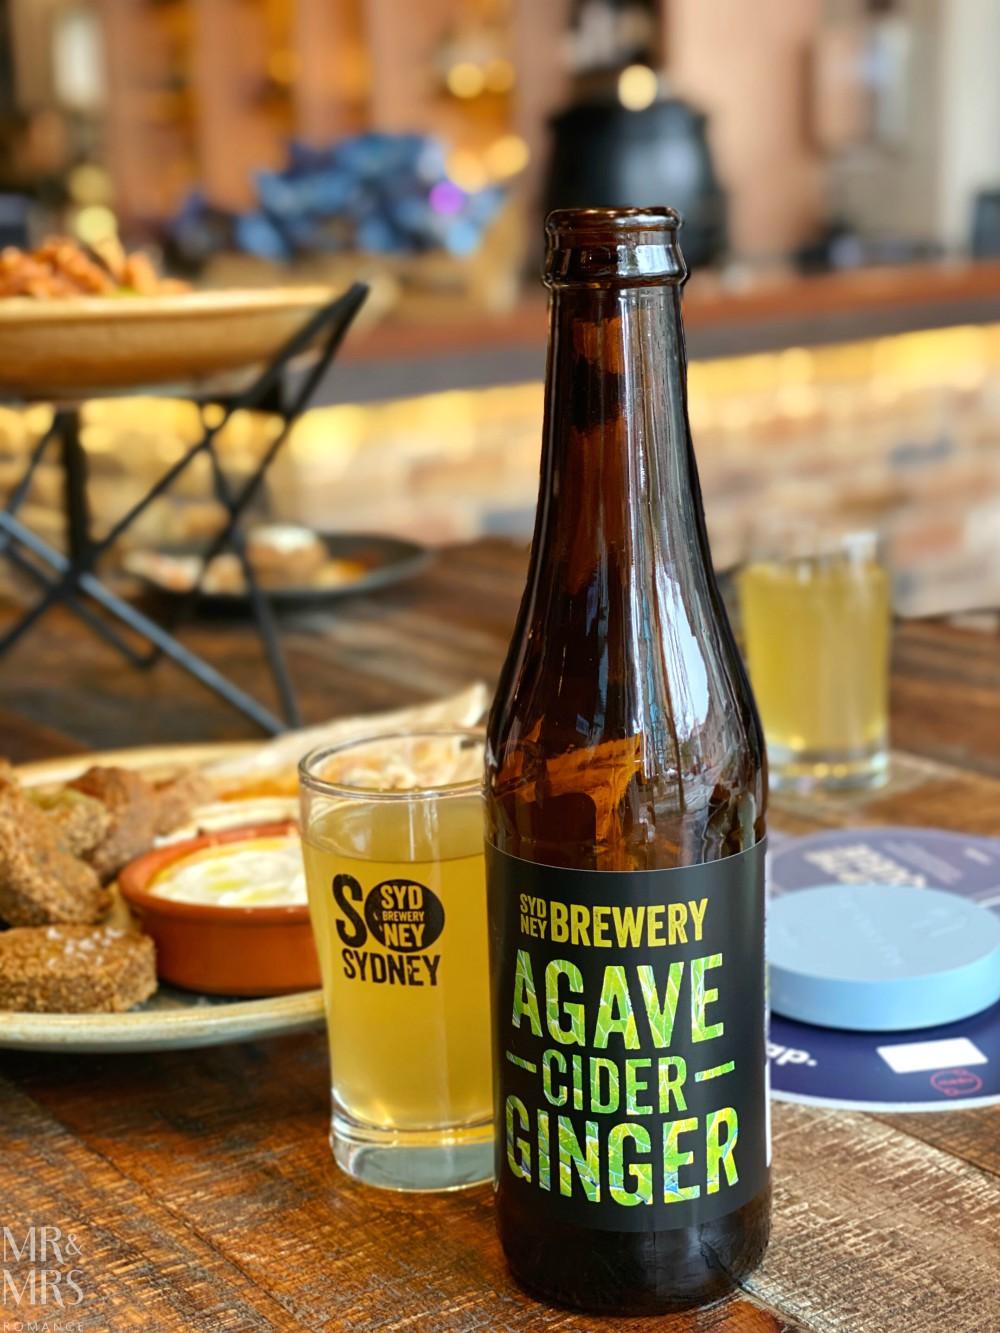 Sydney Brewery - agave ginger cider